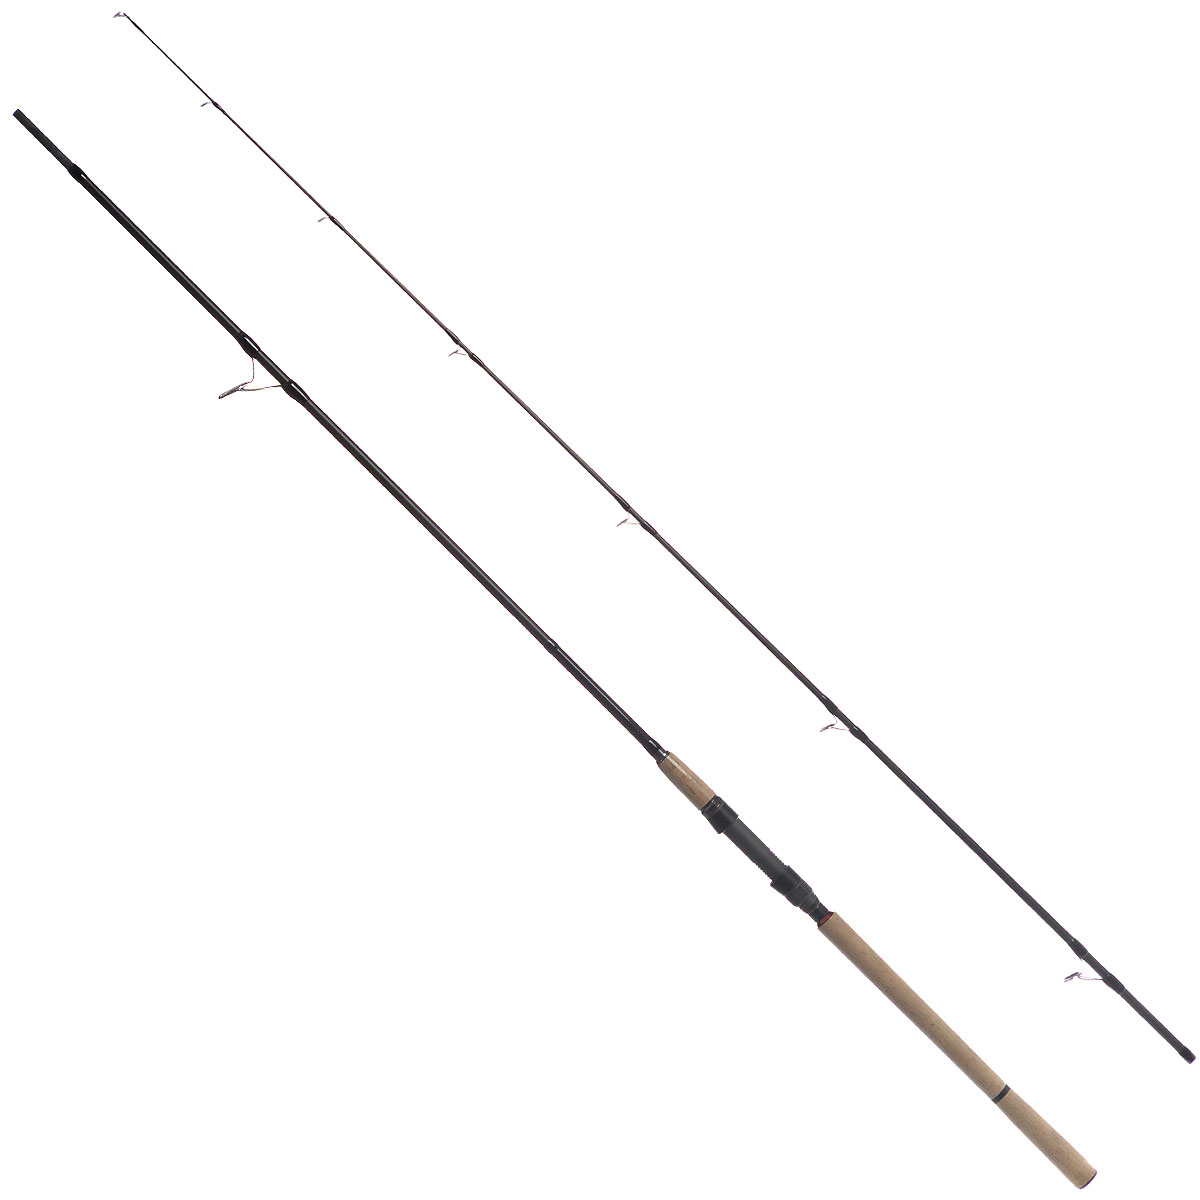 Спиннинг штекерный Daiwa Infinity-Q NEW Spinning, 2,70 м, 15-45 г41573Штекерный спиннинг Daiwa Infinity-Q NEW Spinning отличается новой длиной и тестом, обновленной конструкцией бланка. Несмотря на легкий вес, спиннинг достаточно мощный для схватки с рыбой вашей мечты. Стык колен V-Joint не изменяет естественную геометрию бланка, спиннинг ведет себя как одночастный. Спиннинг Daiwa Infinity-Q NEW Spinning значительно легче своих предшественников, а также отличается более быстрым строем.Тест: 15-45 г.